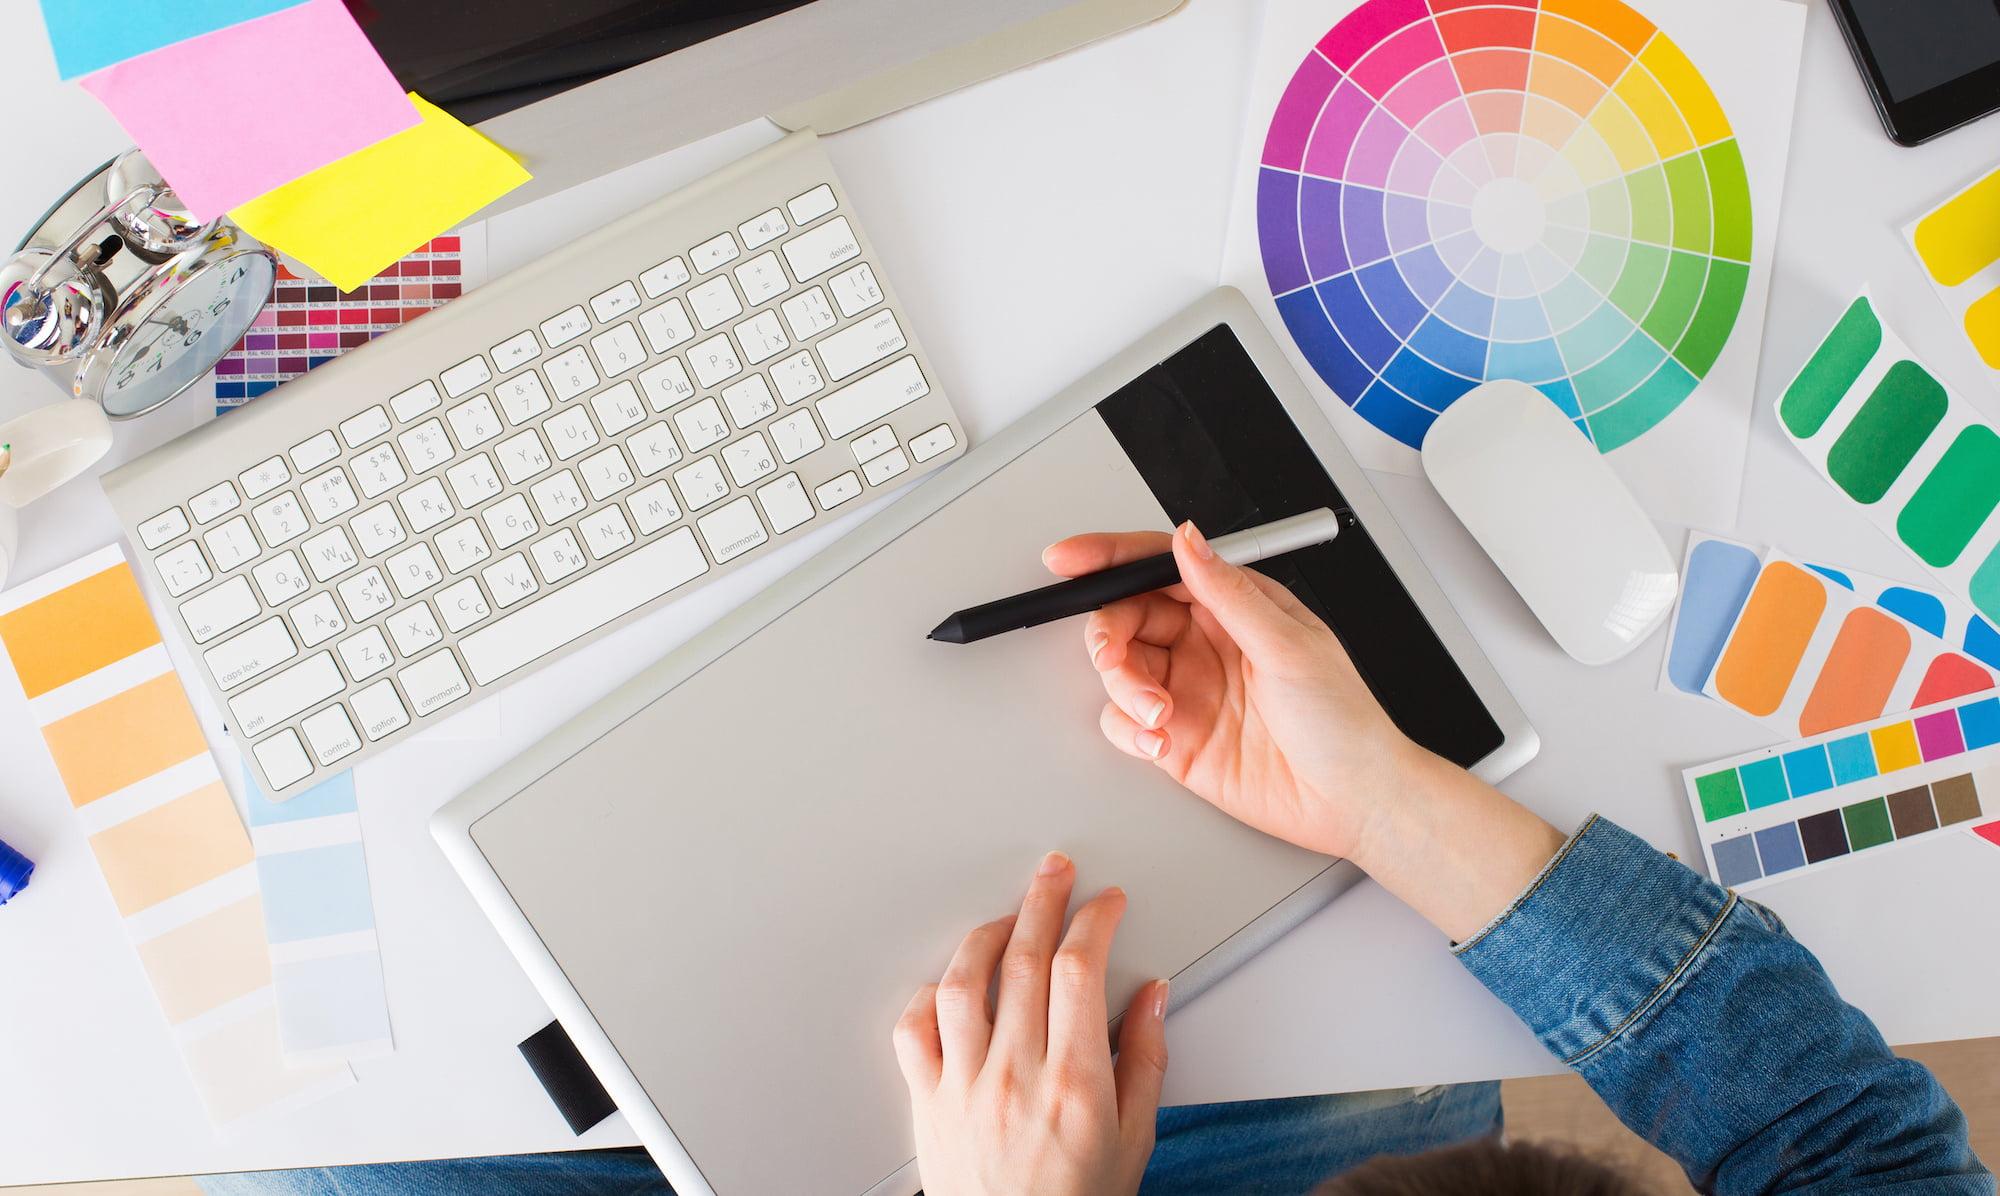 نکات مهم برای طراحی یک کاتالوگ موفق